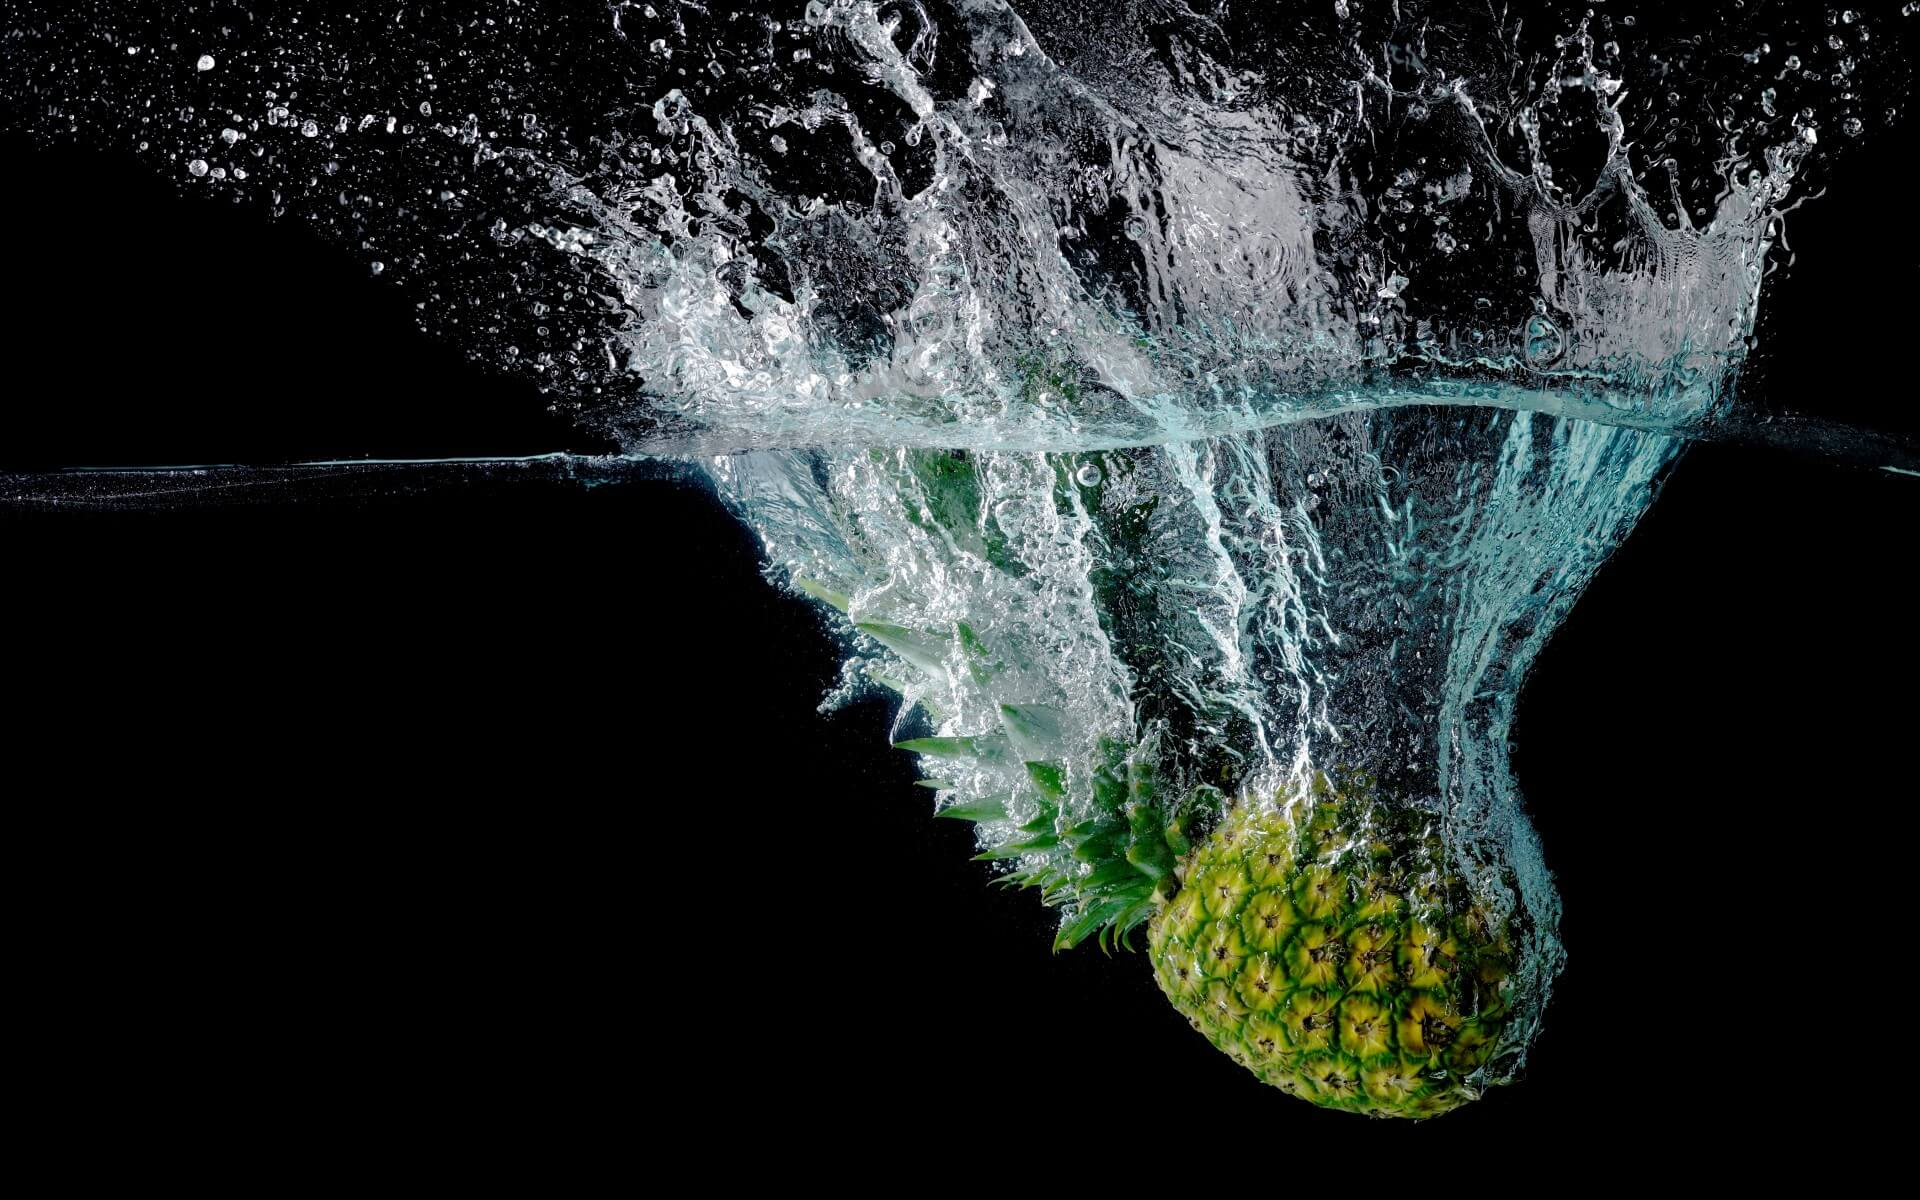 Красивые и прикольные картинки, обои ананаса - подборка 2018 3